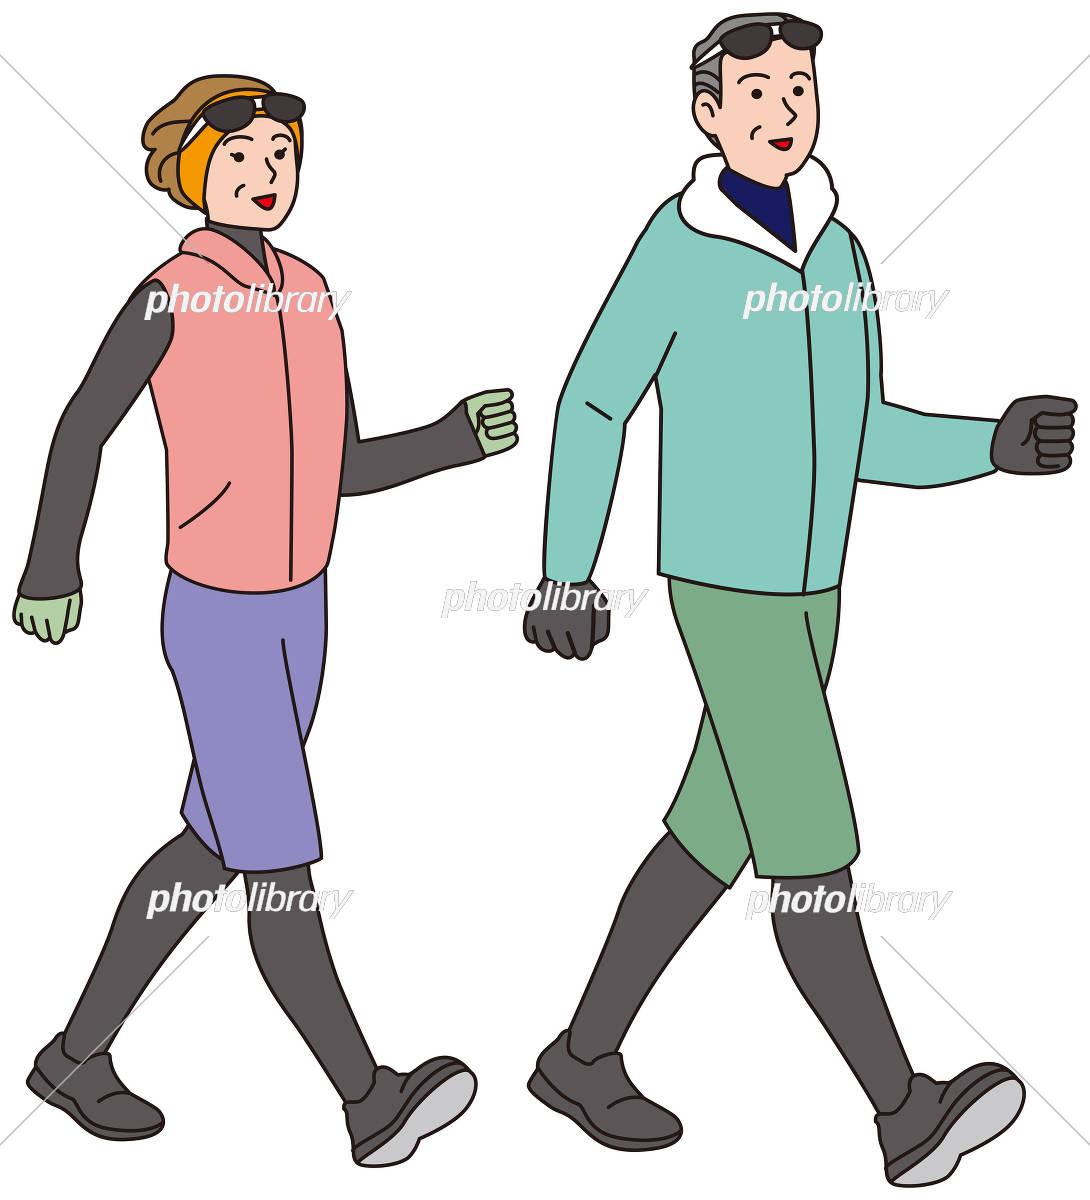 冬の服装でにウオーキングする中年夫婦 イラスト素材 [ 5391069